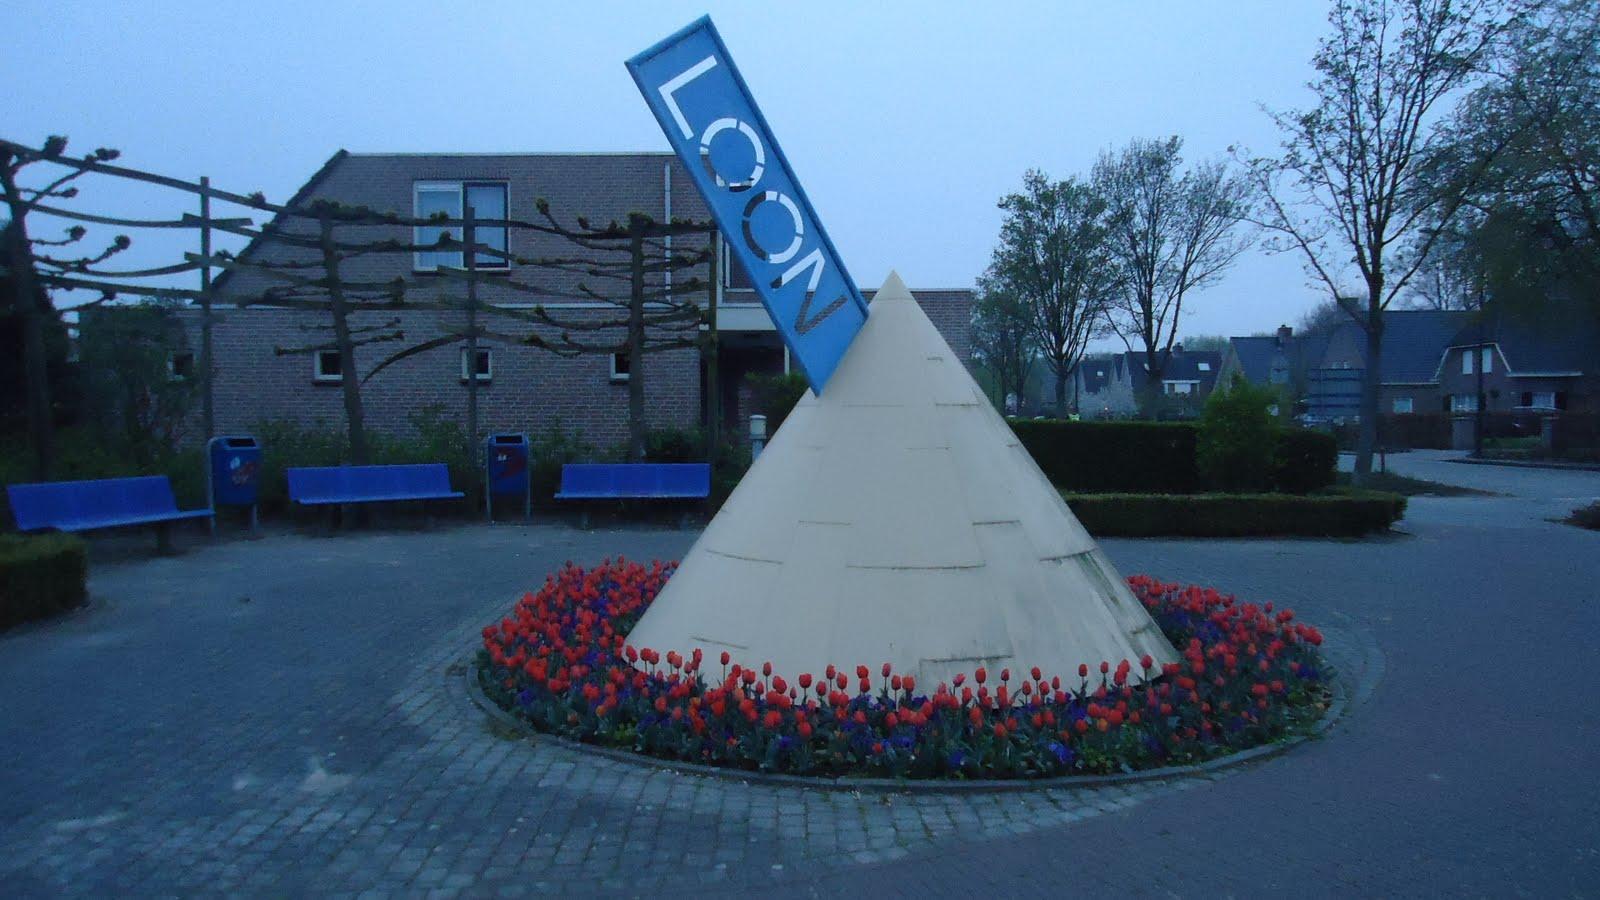 """15h """"Nacht van Loon"""" ou 80km, places limitées: 21-22/04/2012 Foto+241"""